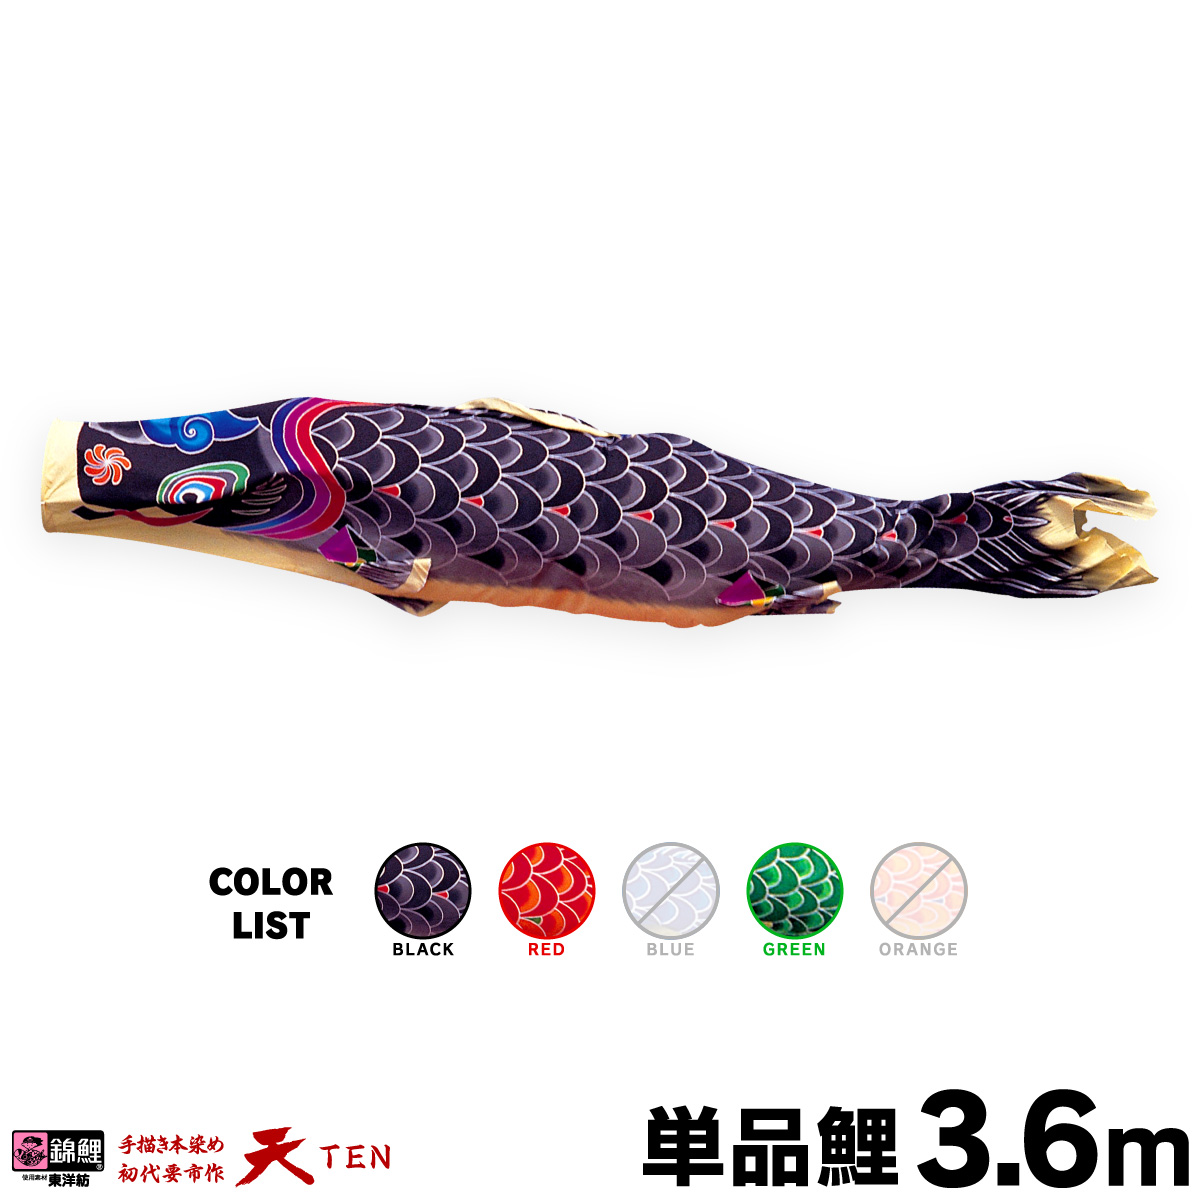 【こいのぼり 単品】 天 3.6m 単品鯉 黒 赤 緑